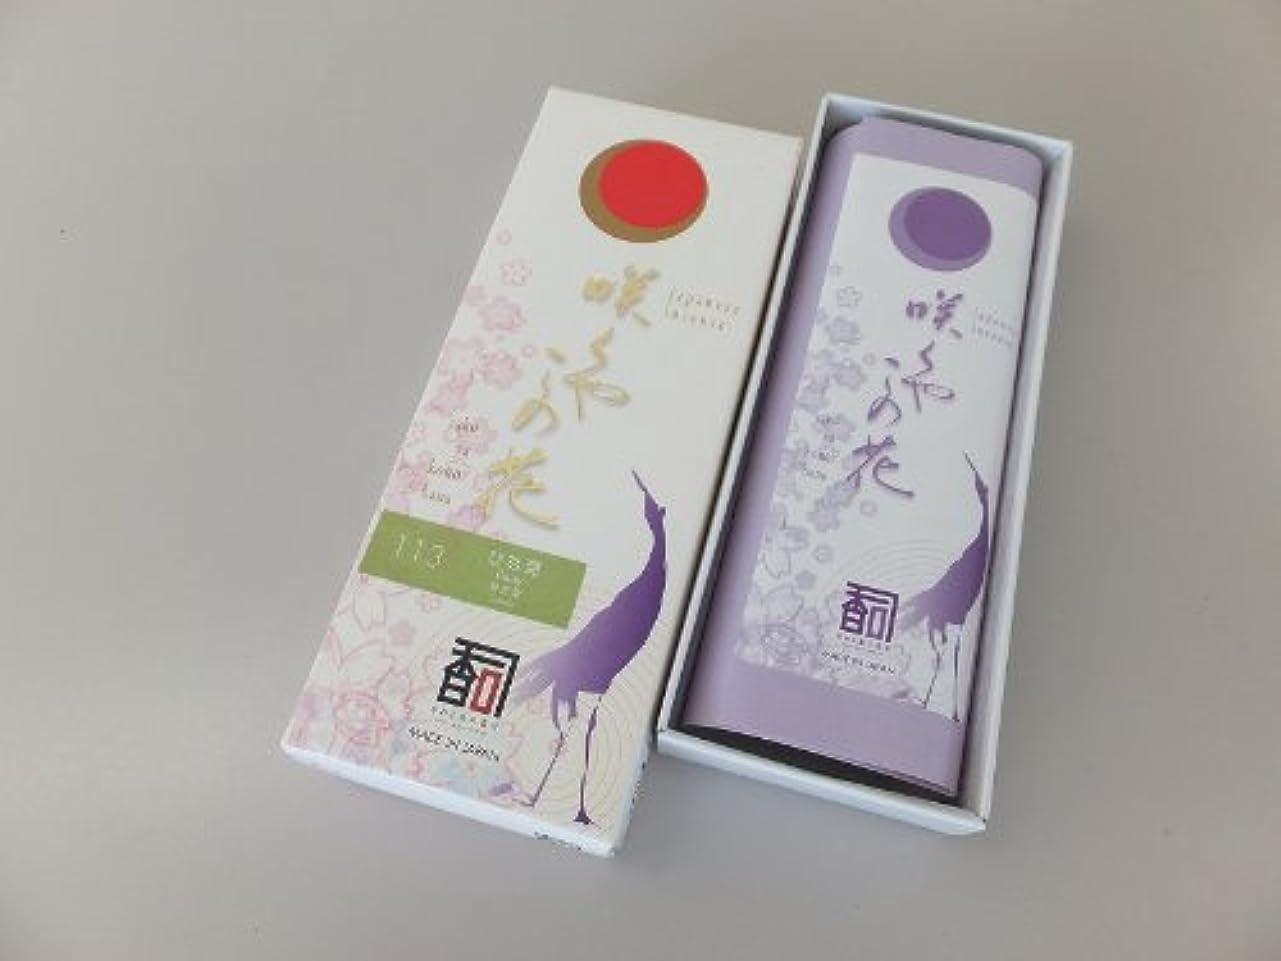 家庭最小化する悲劇的な「あわじ島の香司」 日本の香りシリーズ  [咲くや この花] 【113】 ひな菊 (有煙)